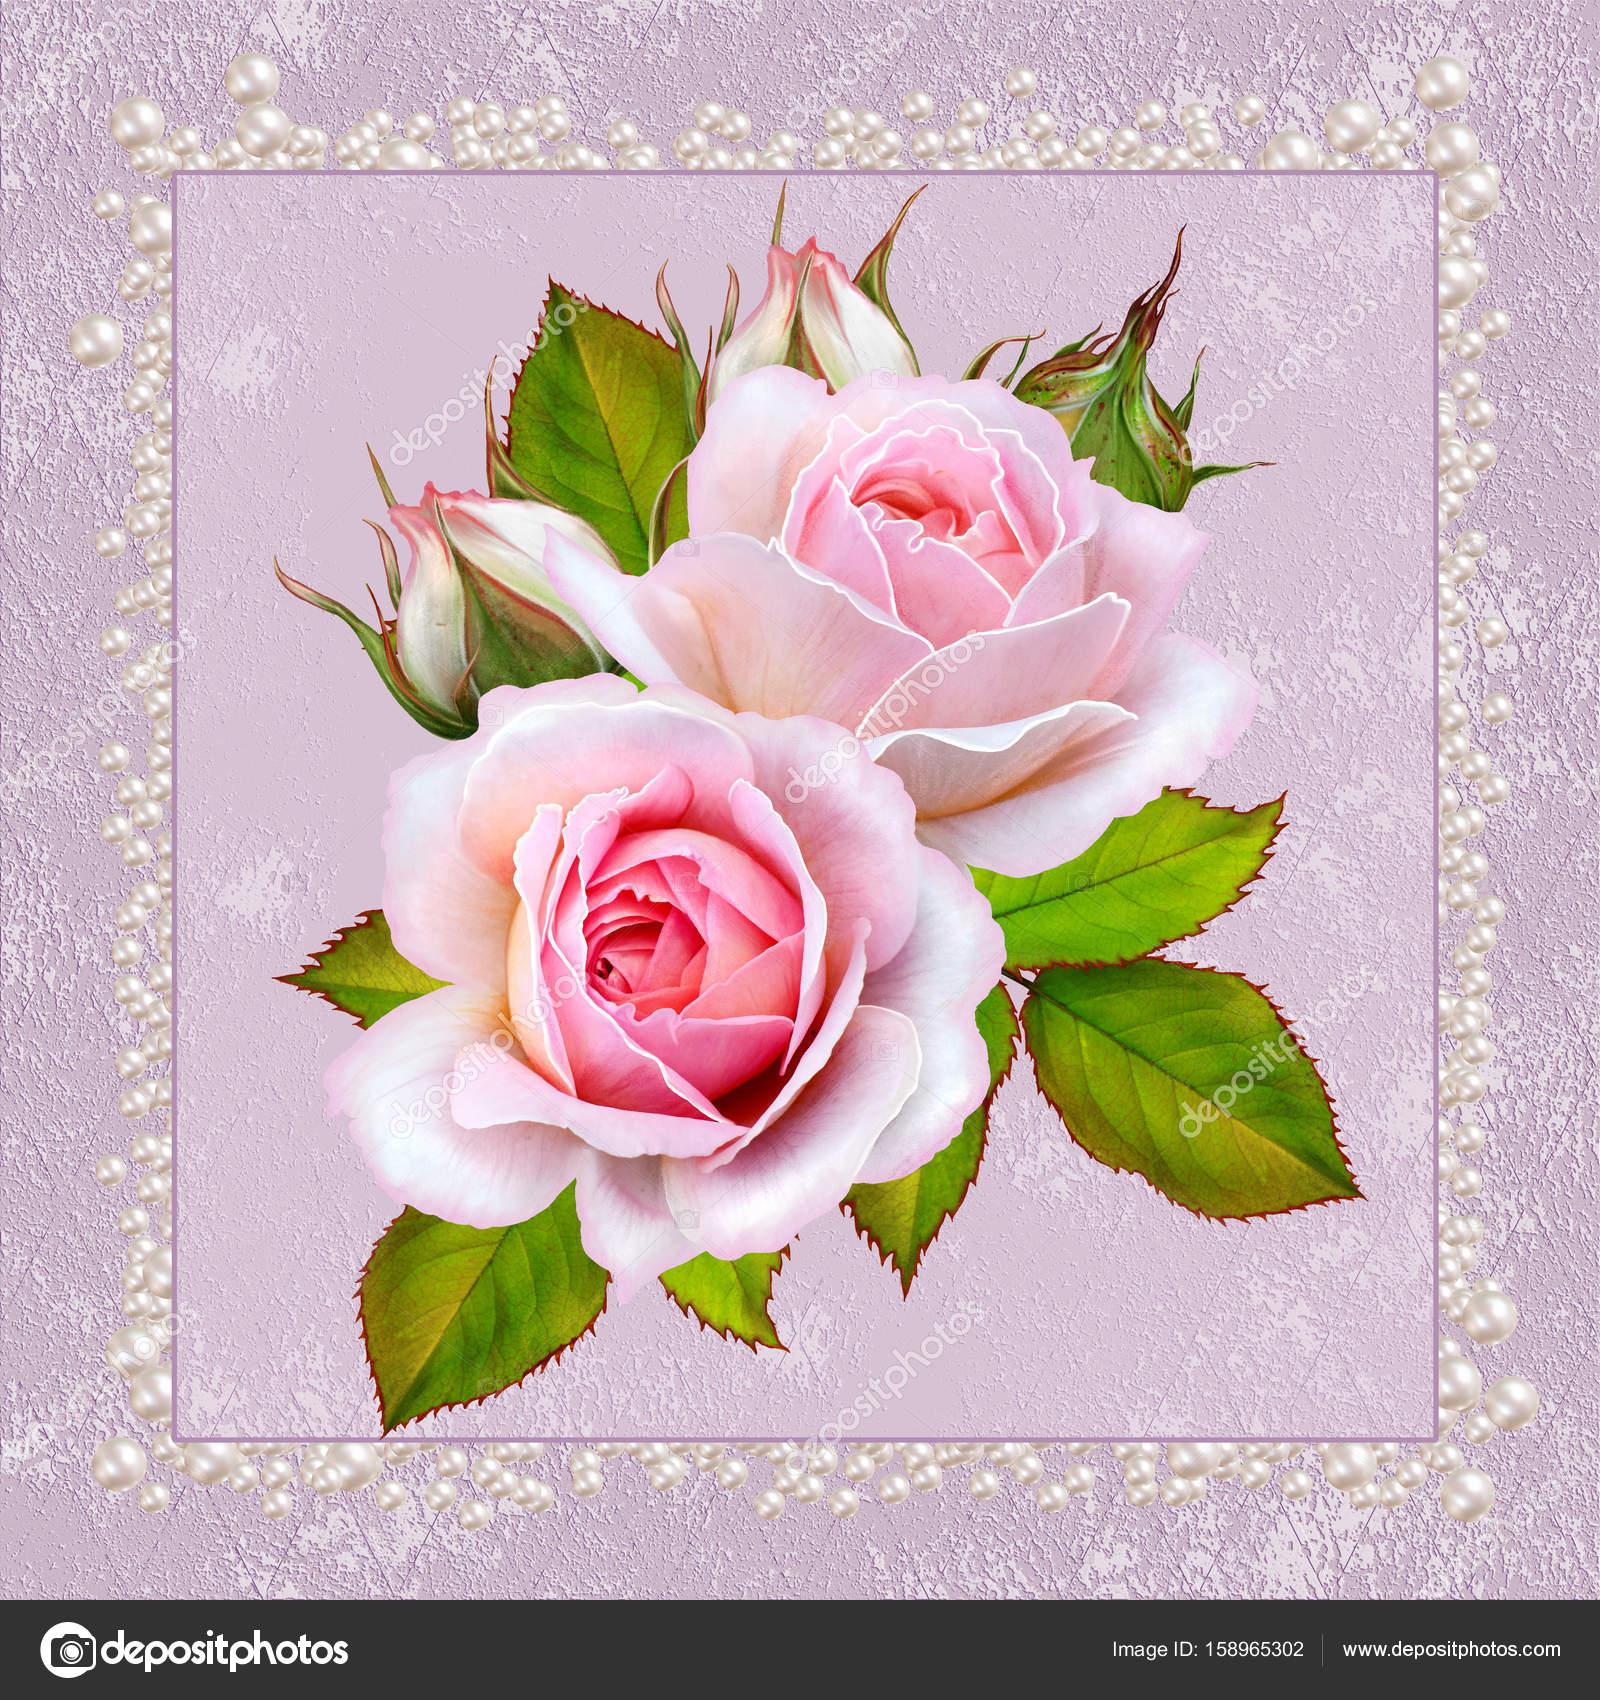 Floral Fond De Voeux Carte Postale Vintage Ton Pastel Vieux Style